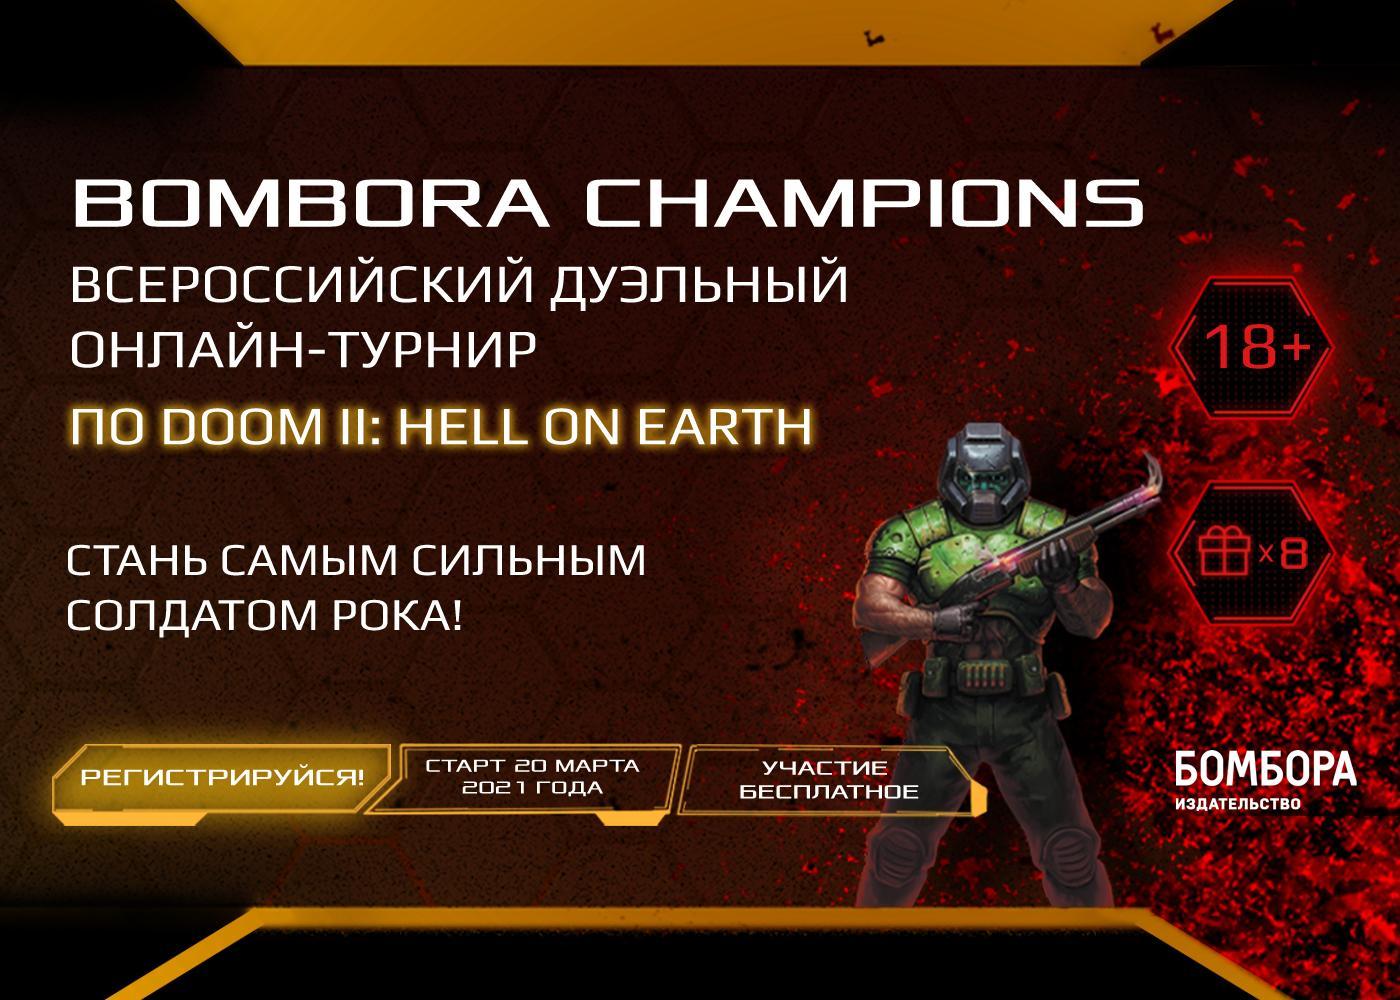 Всероссийский дуэльный онлайн-турнир по DOOM II: Hell on Earth